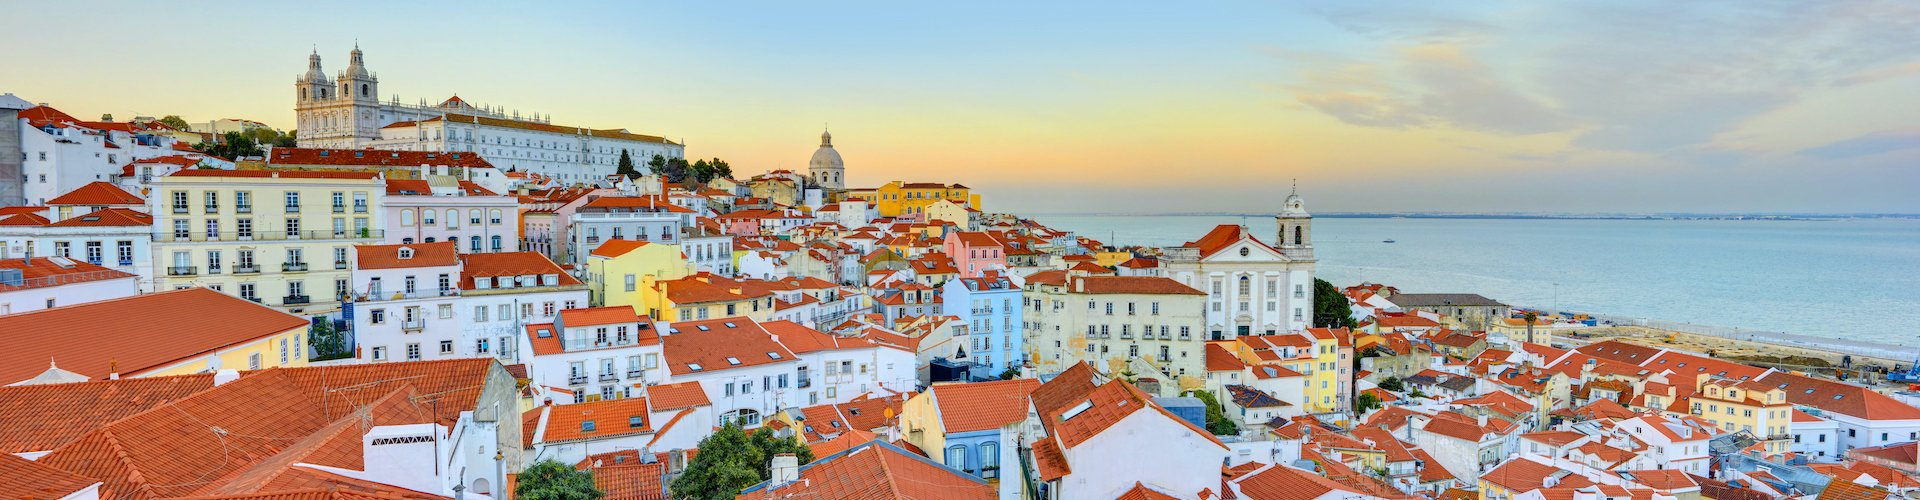 Ausflugsziel Lissabon